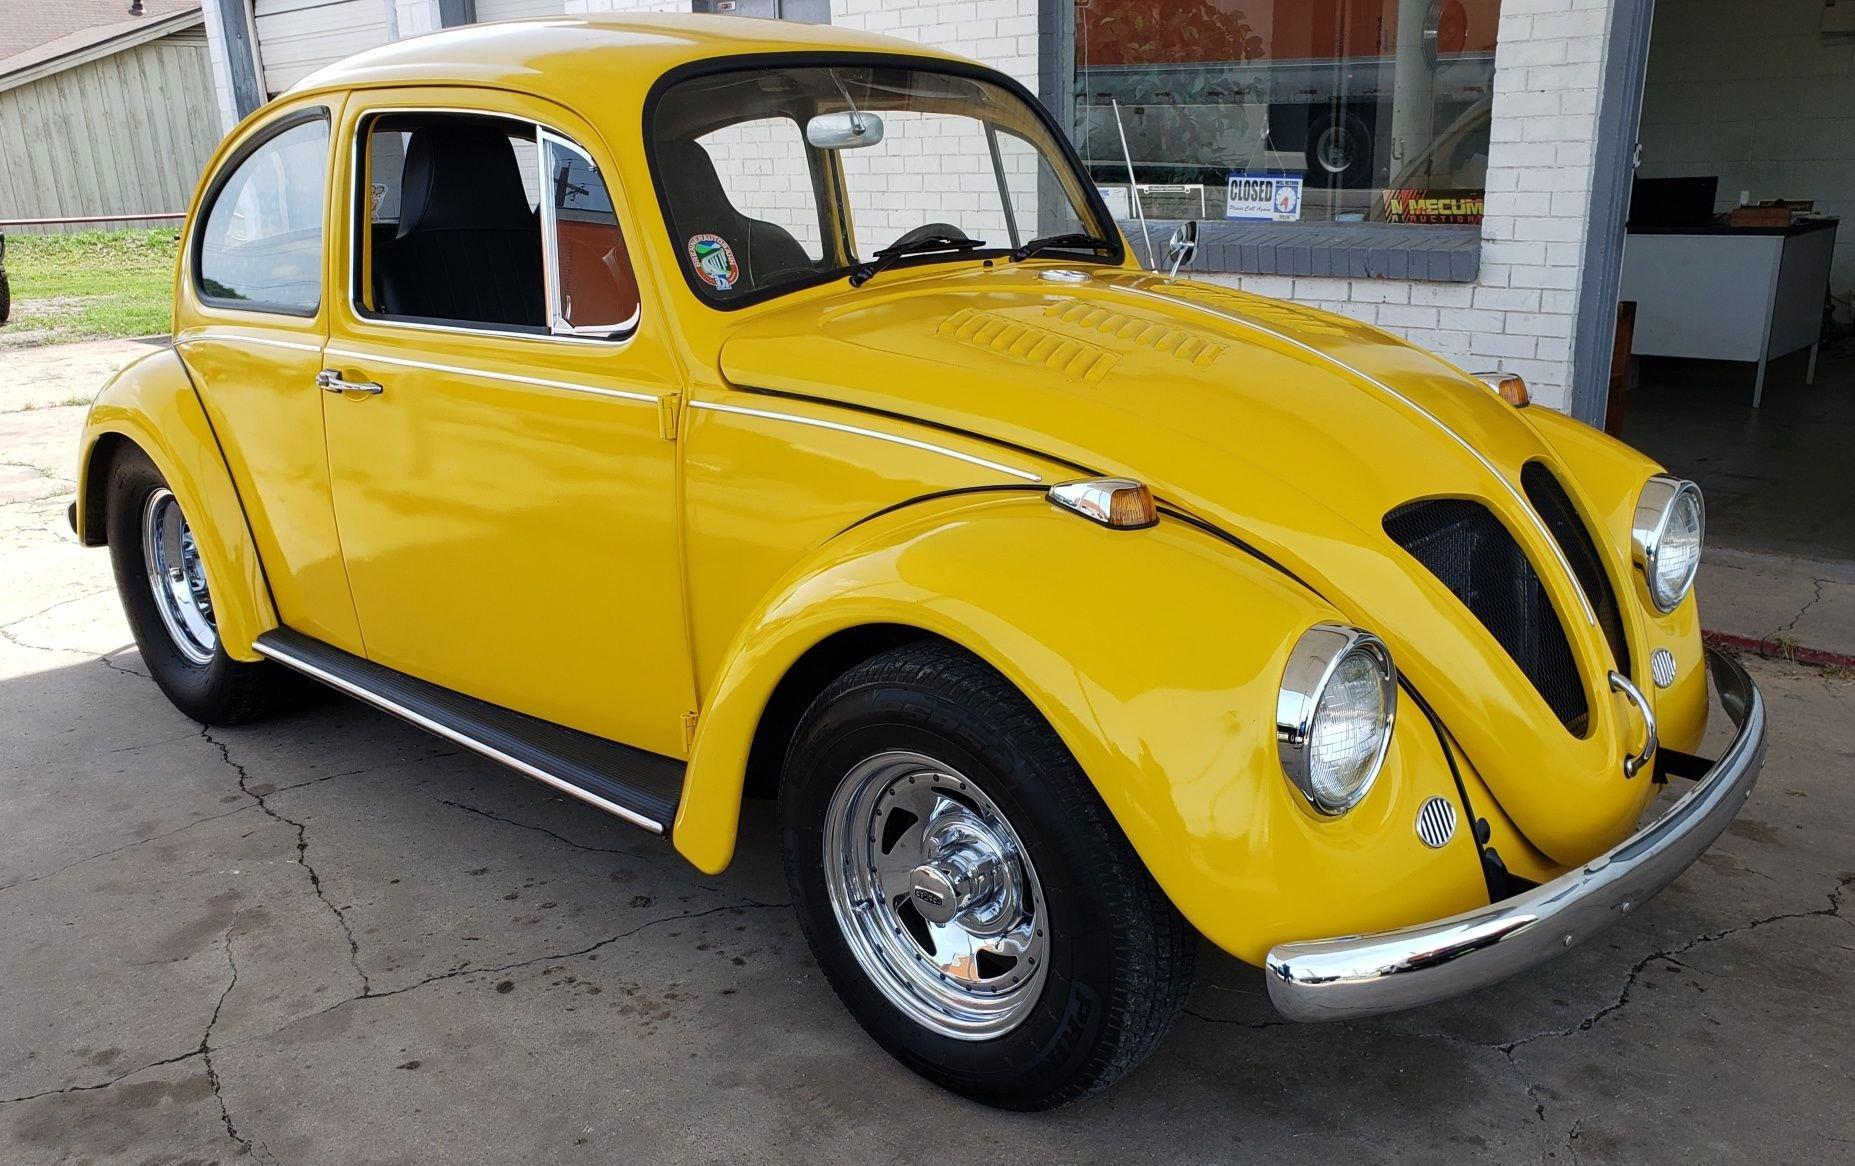 1967 volkswagen beetle modfied